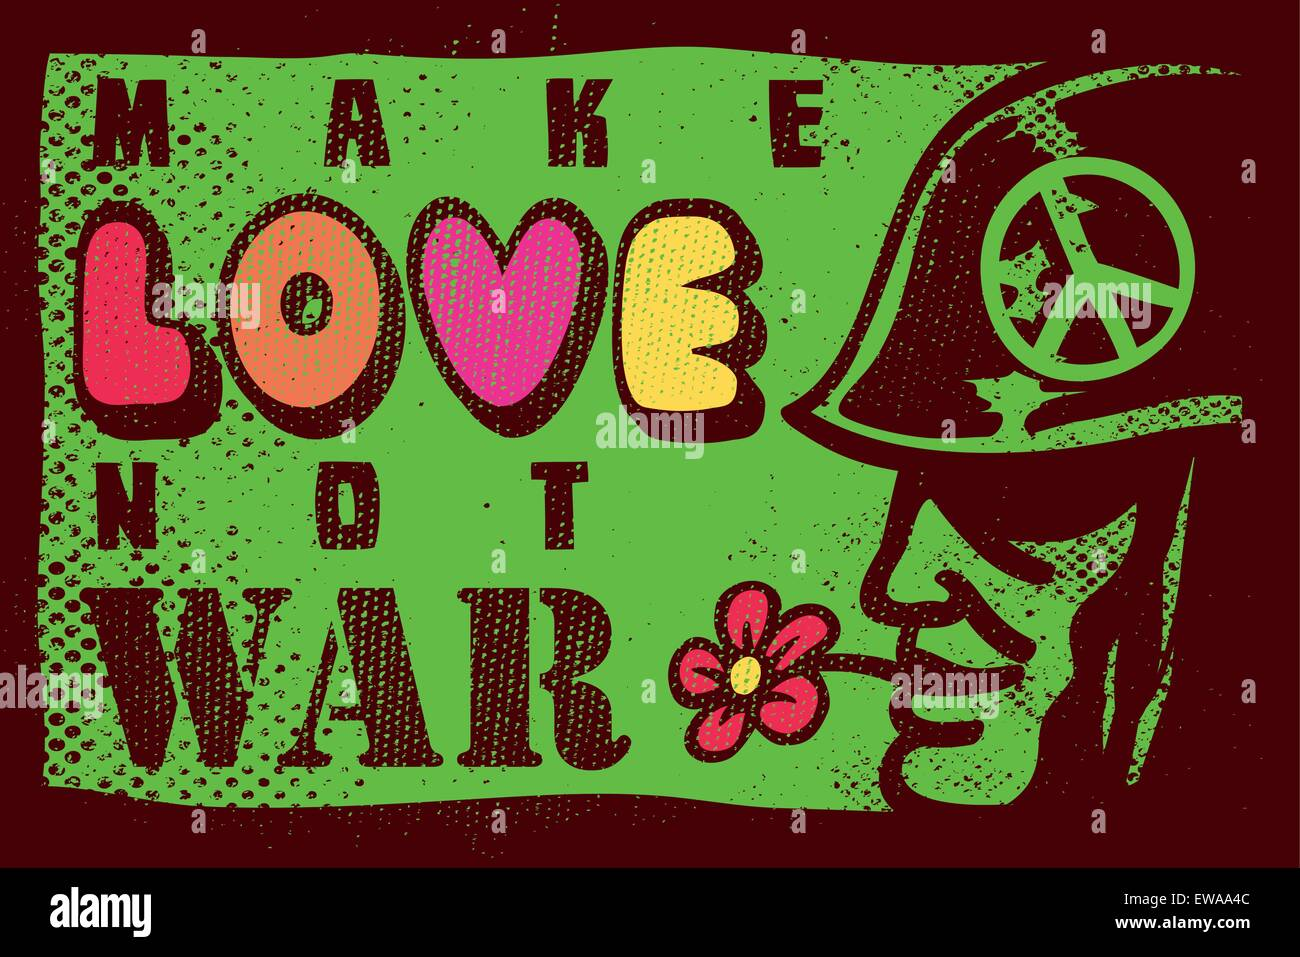 Make a poster design - Make Love Not War 68 Summer Of Love Sixties Anti War Inspiring Poster Design